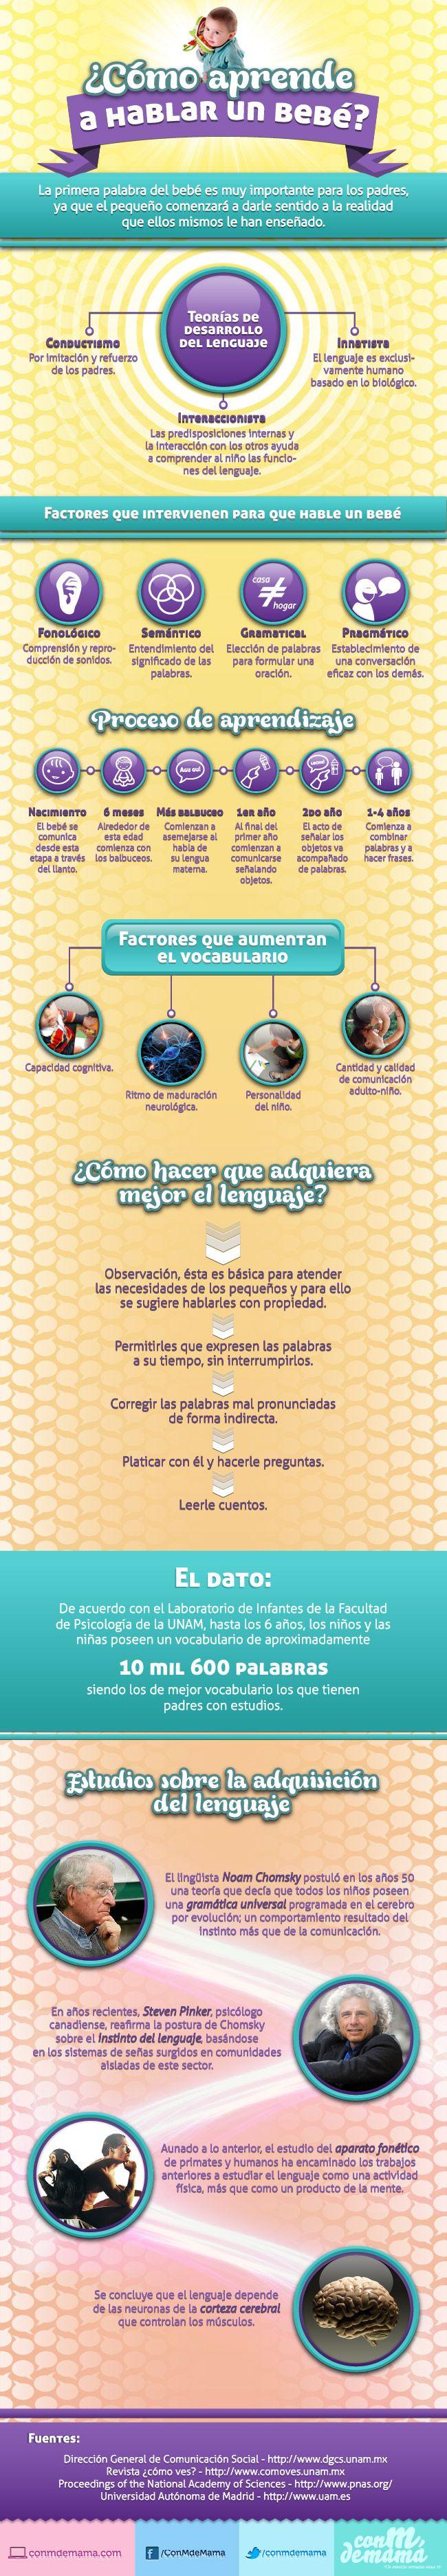 ¿Cómo aprende a hablar un bebé? | Con M de Mamá #INFOGRAFÍA